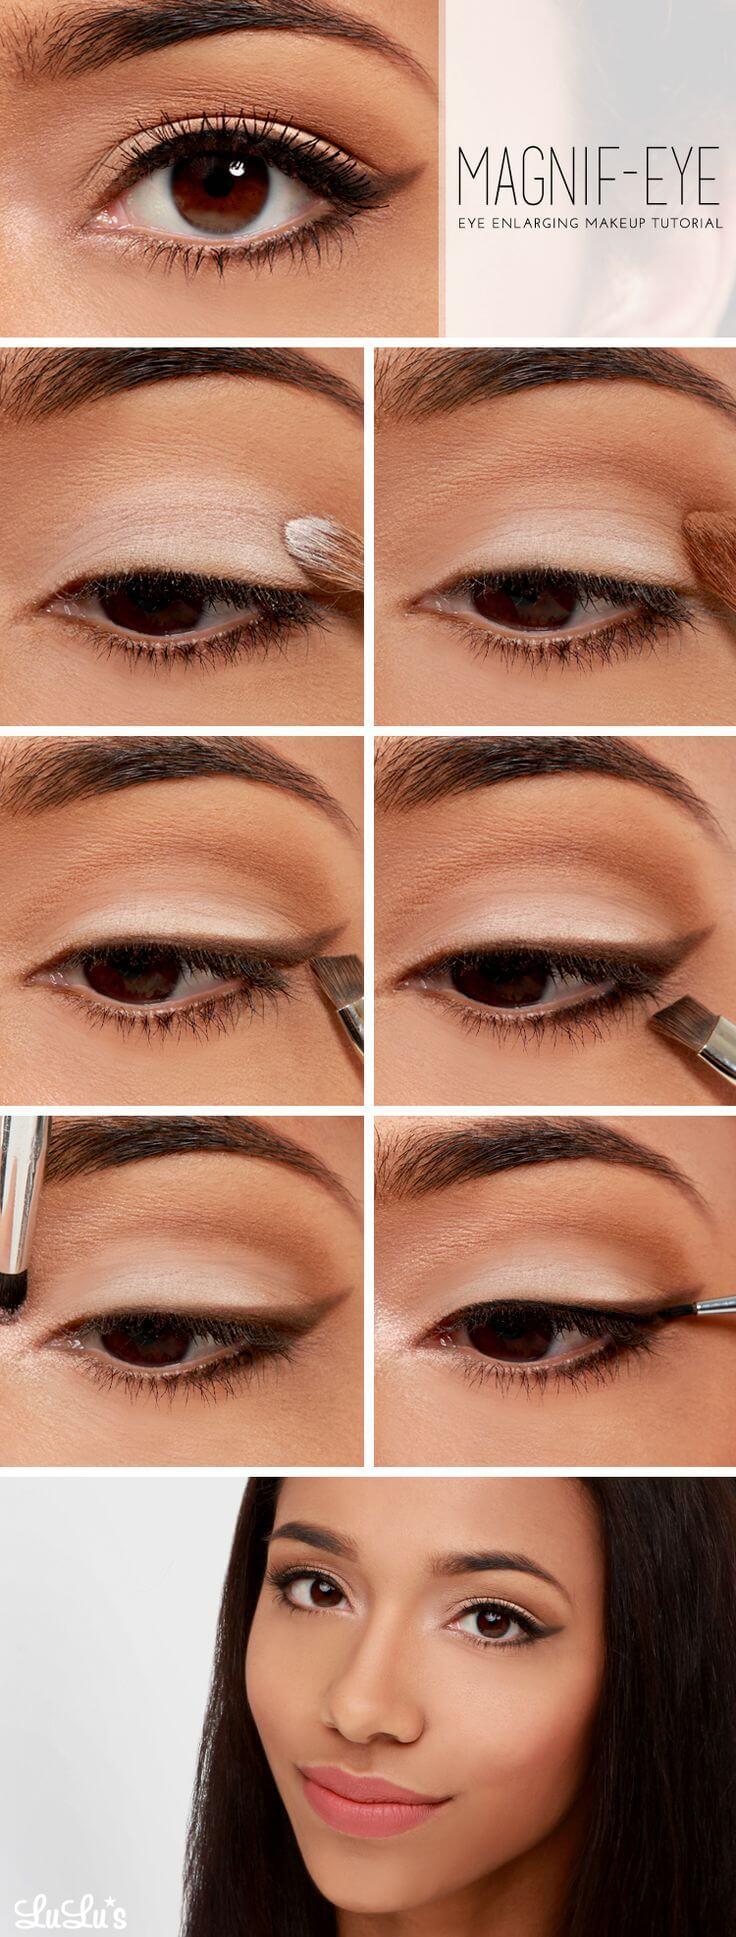 782c1234cd336 مكياج العيون  15 طريقة سهلة لوضع المكياج بالخطوات و الصور - كيف